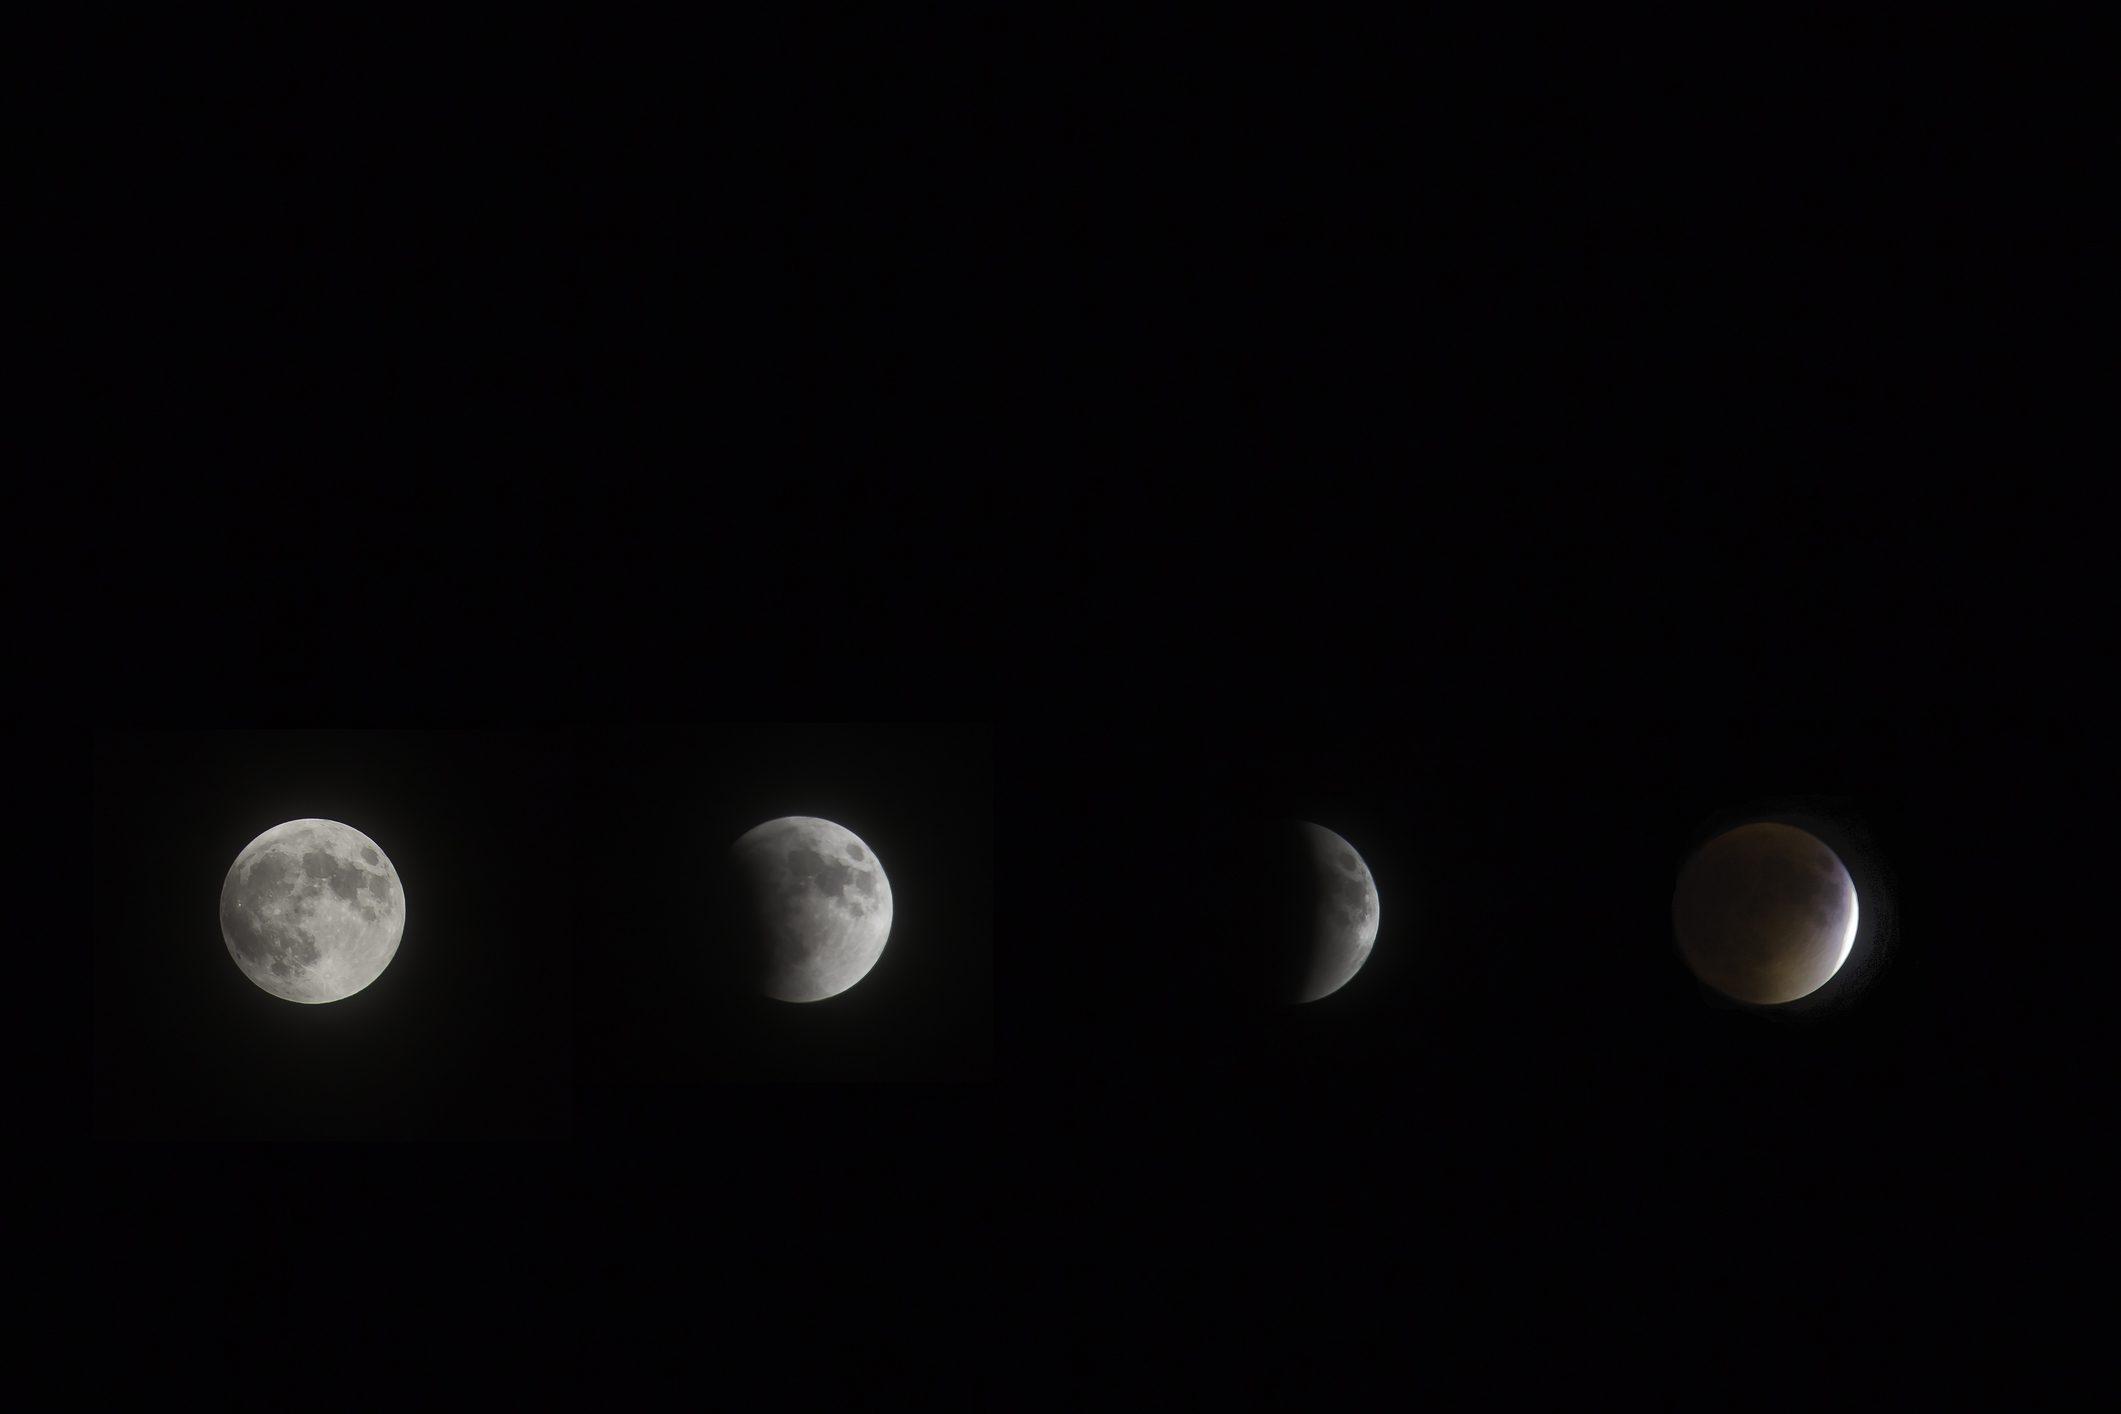 Calendario Lune.Il Calendario Lunare Da Conoscere Prima Di Tagliare I